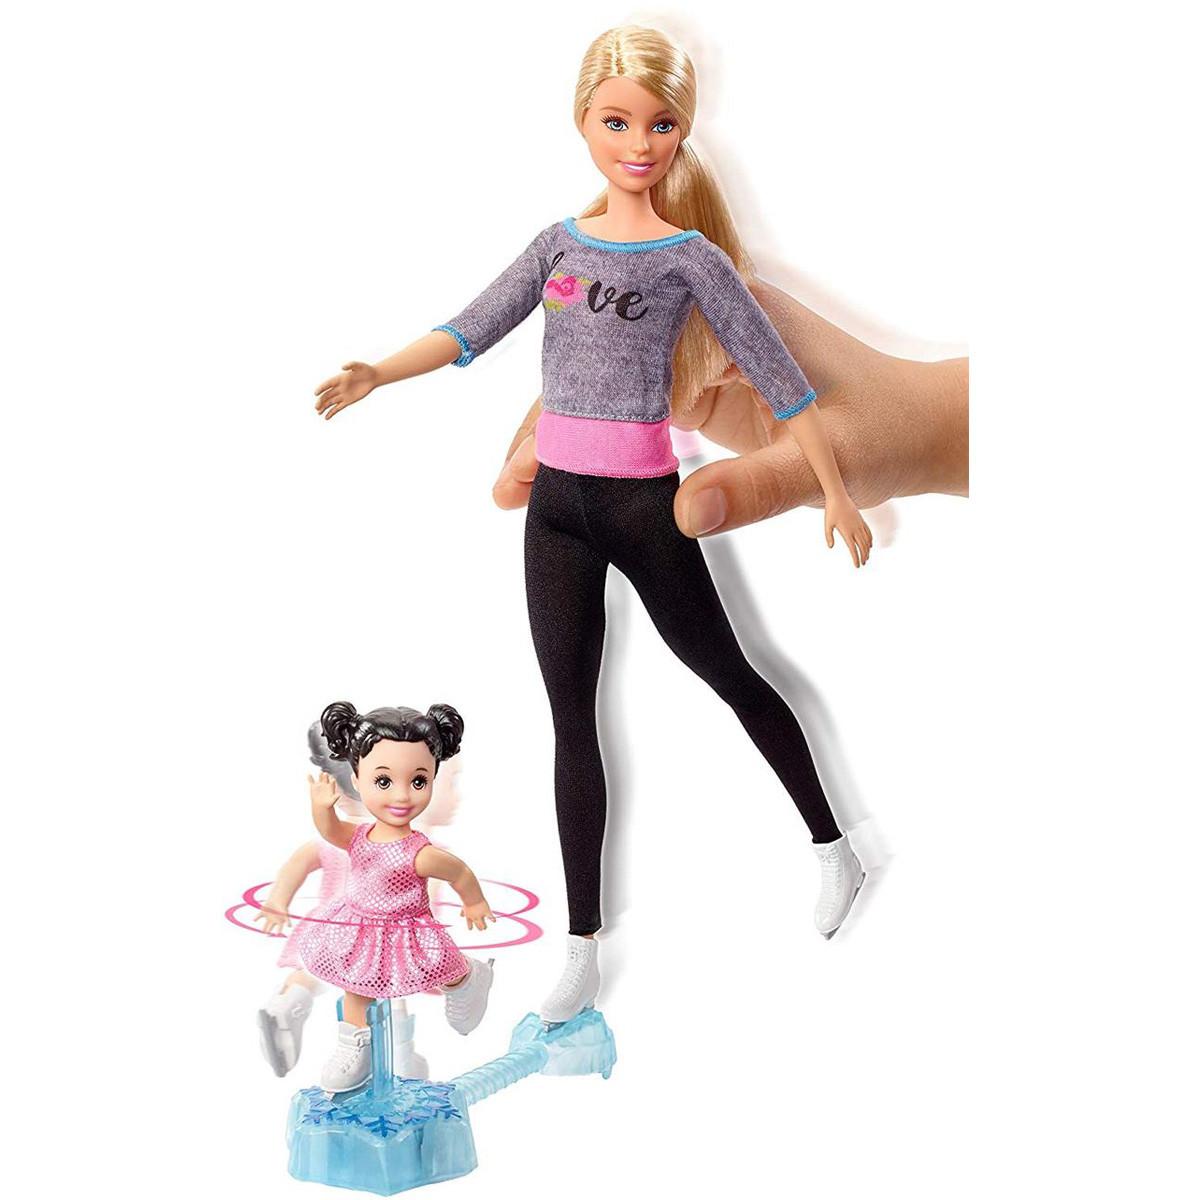 Кукла Барби Тренер по фигурному катанию Barbie You can be Ice Skating Coach